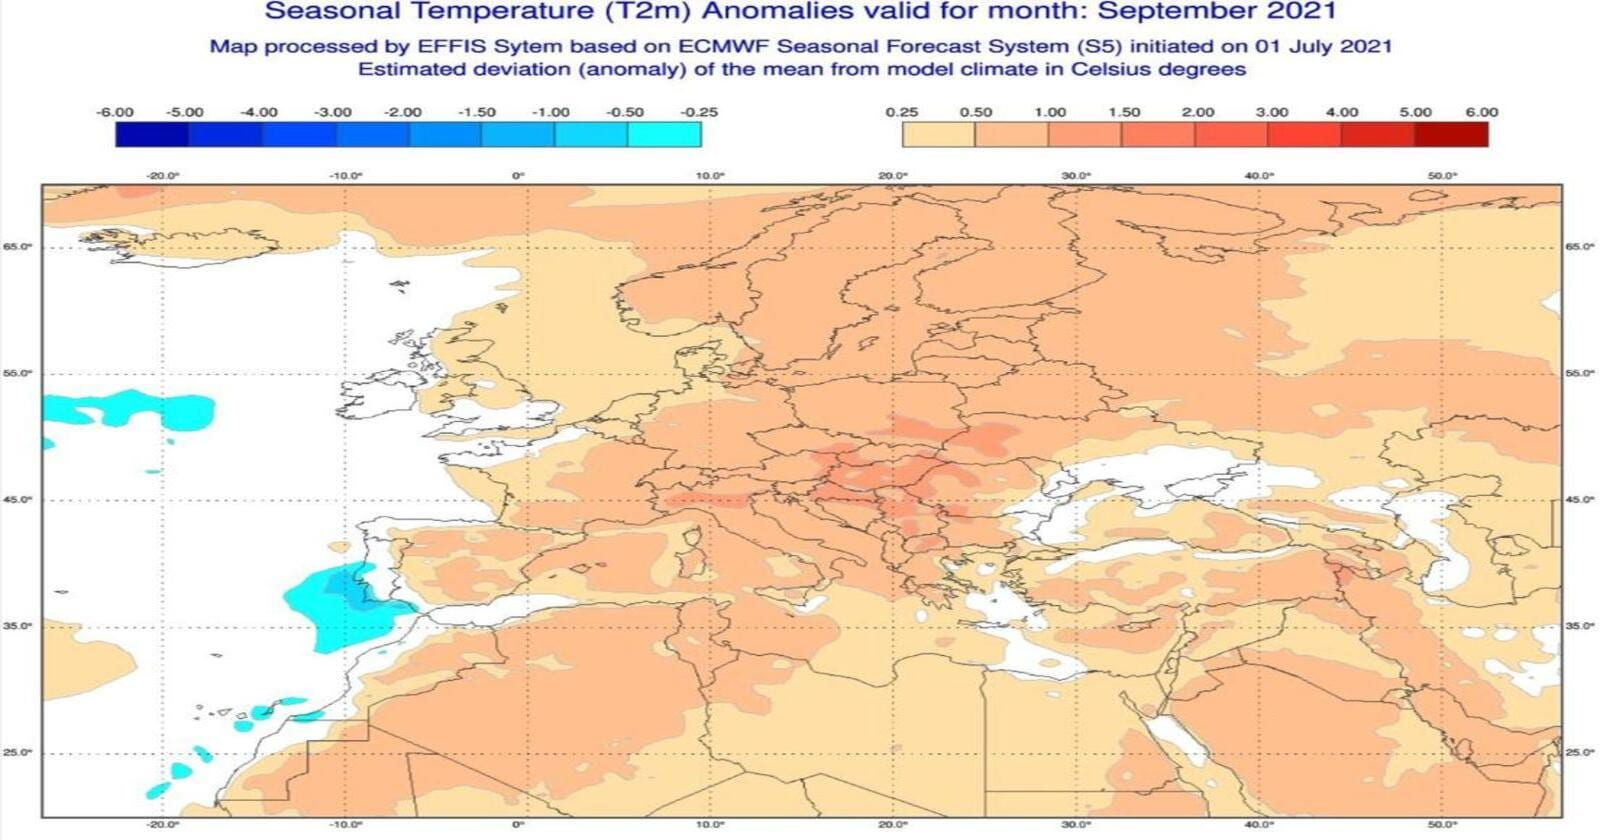 Anomalie di temperatura previste dal modello europeo per settembre 2021- effis.jrc.ec.europa.eu.eu